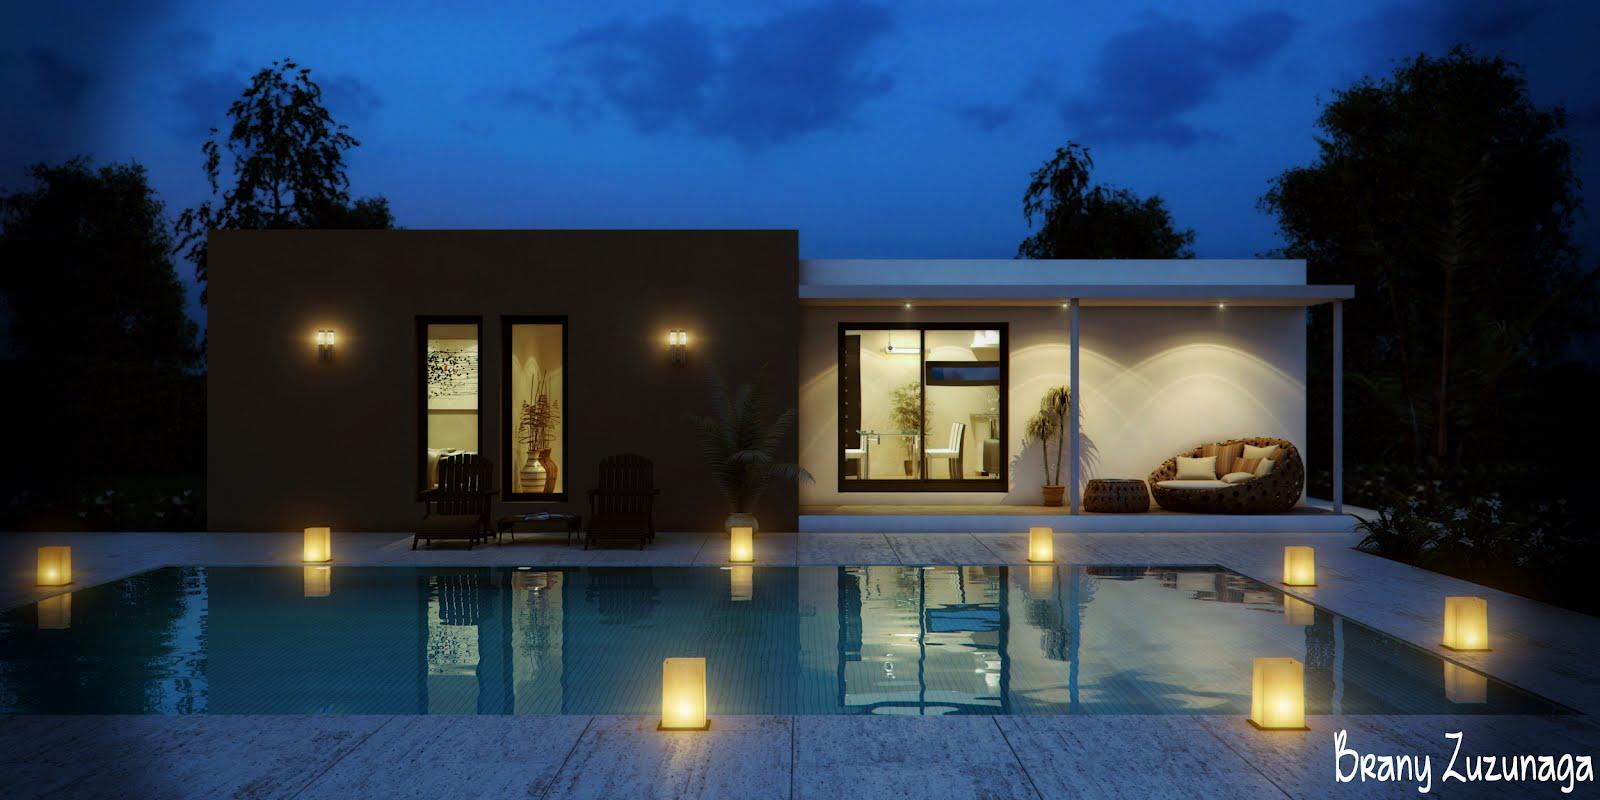 3d render animacion e infografia casa low cost moderna for Casas modernas renders